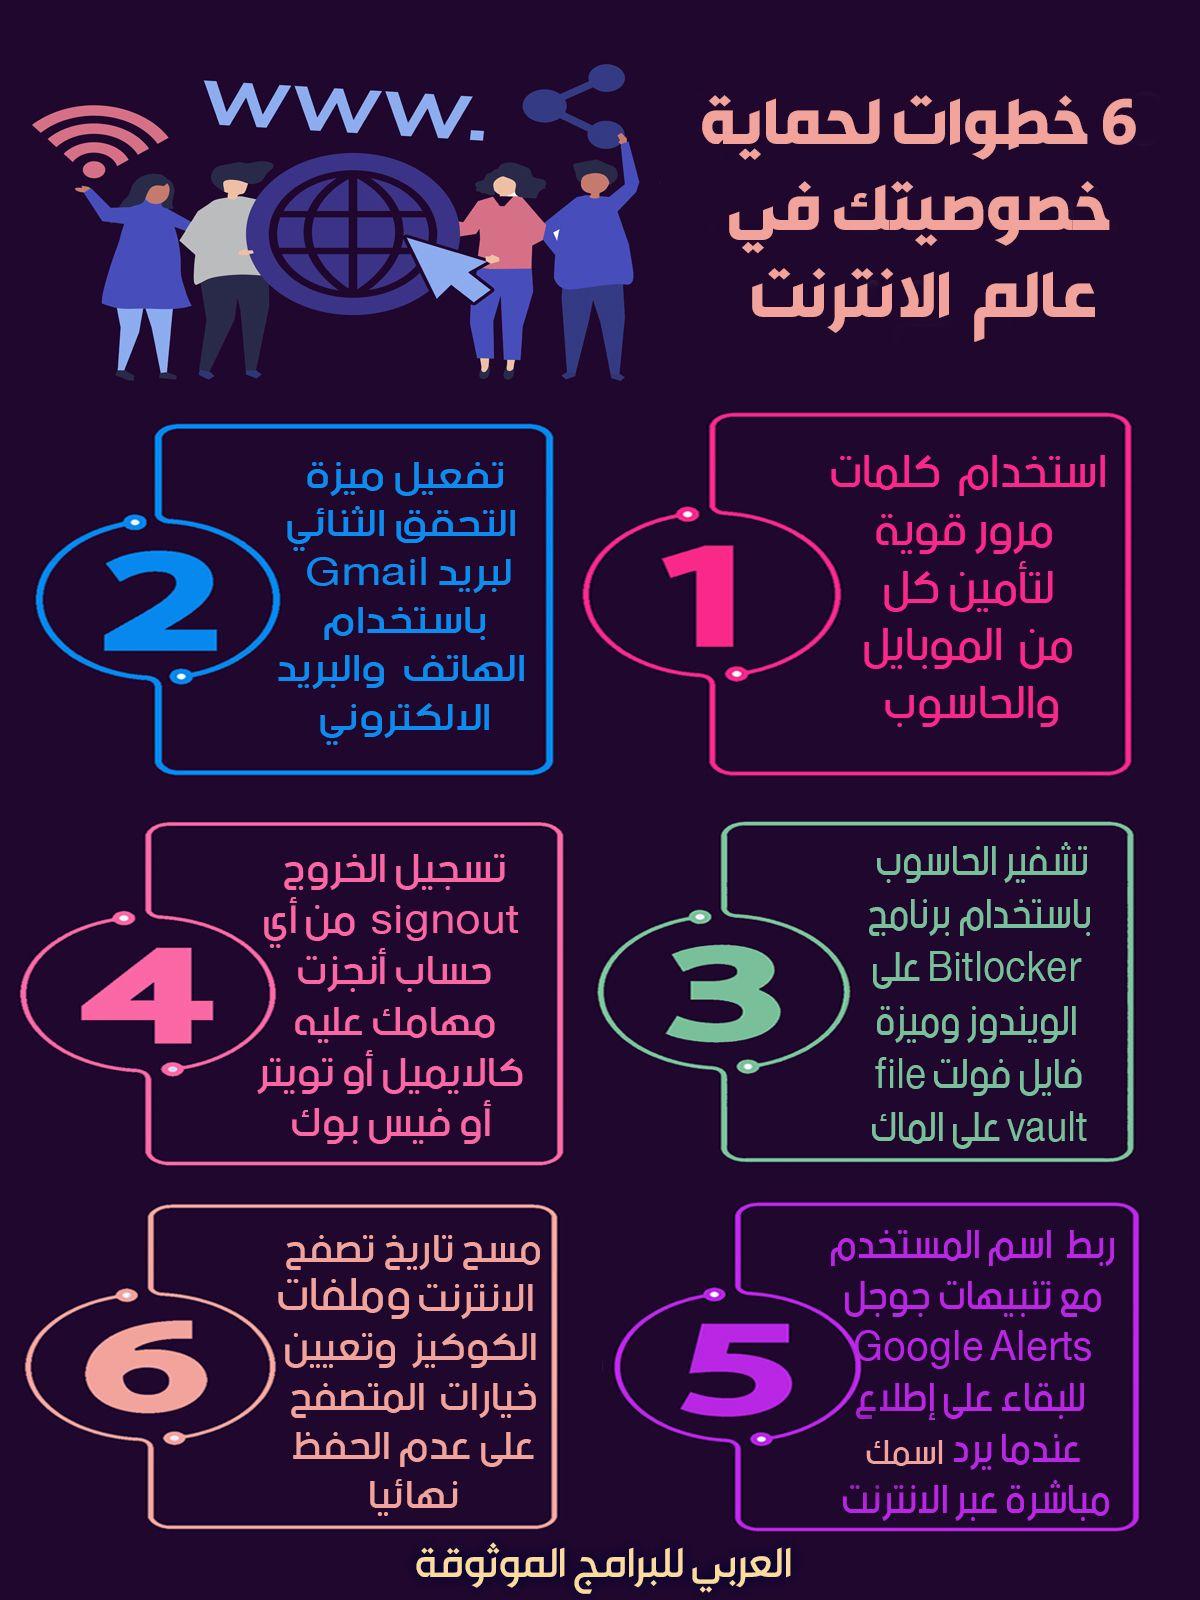 أبرز الخطوات المتبعة لحماية خصوصيتك في عالم الانترنت Learning Websites Learning Apps Educational Websites